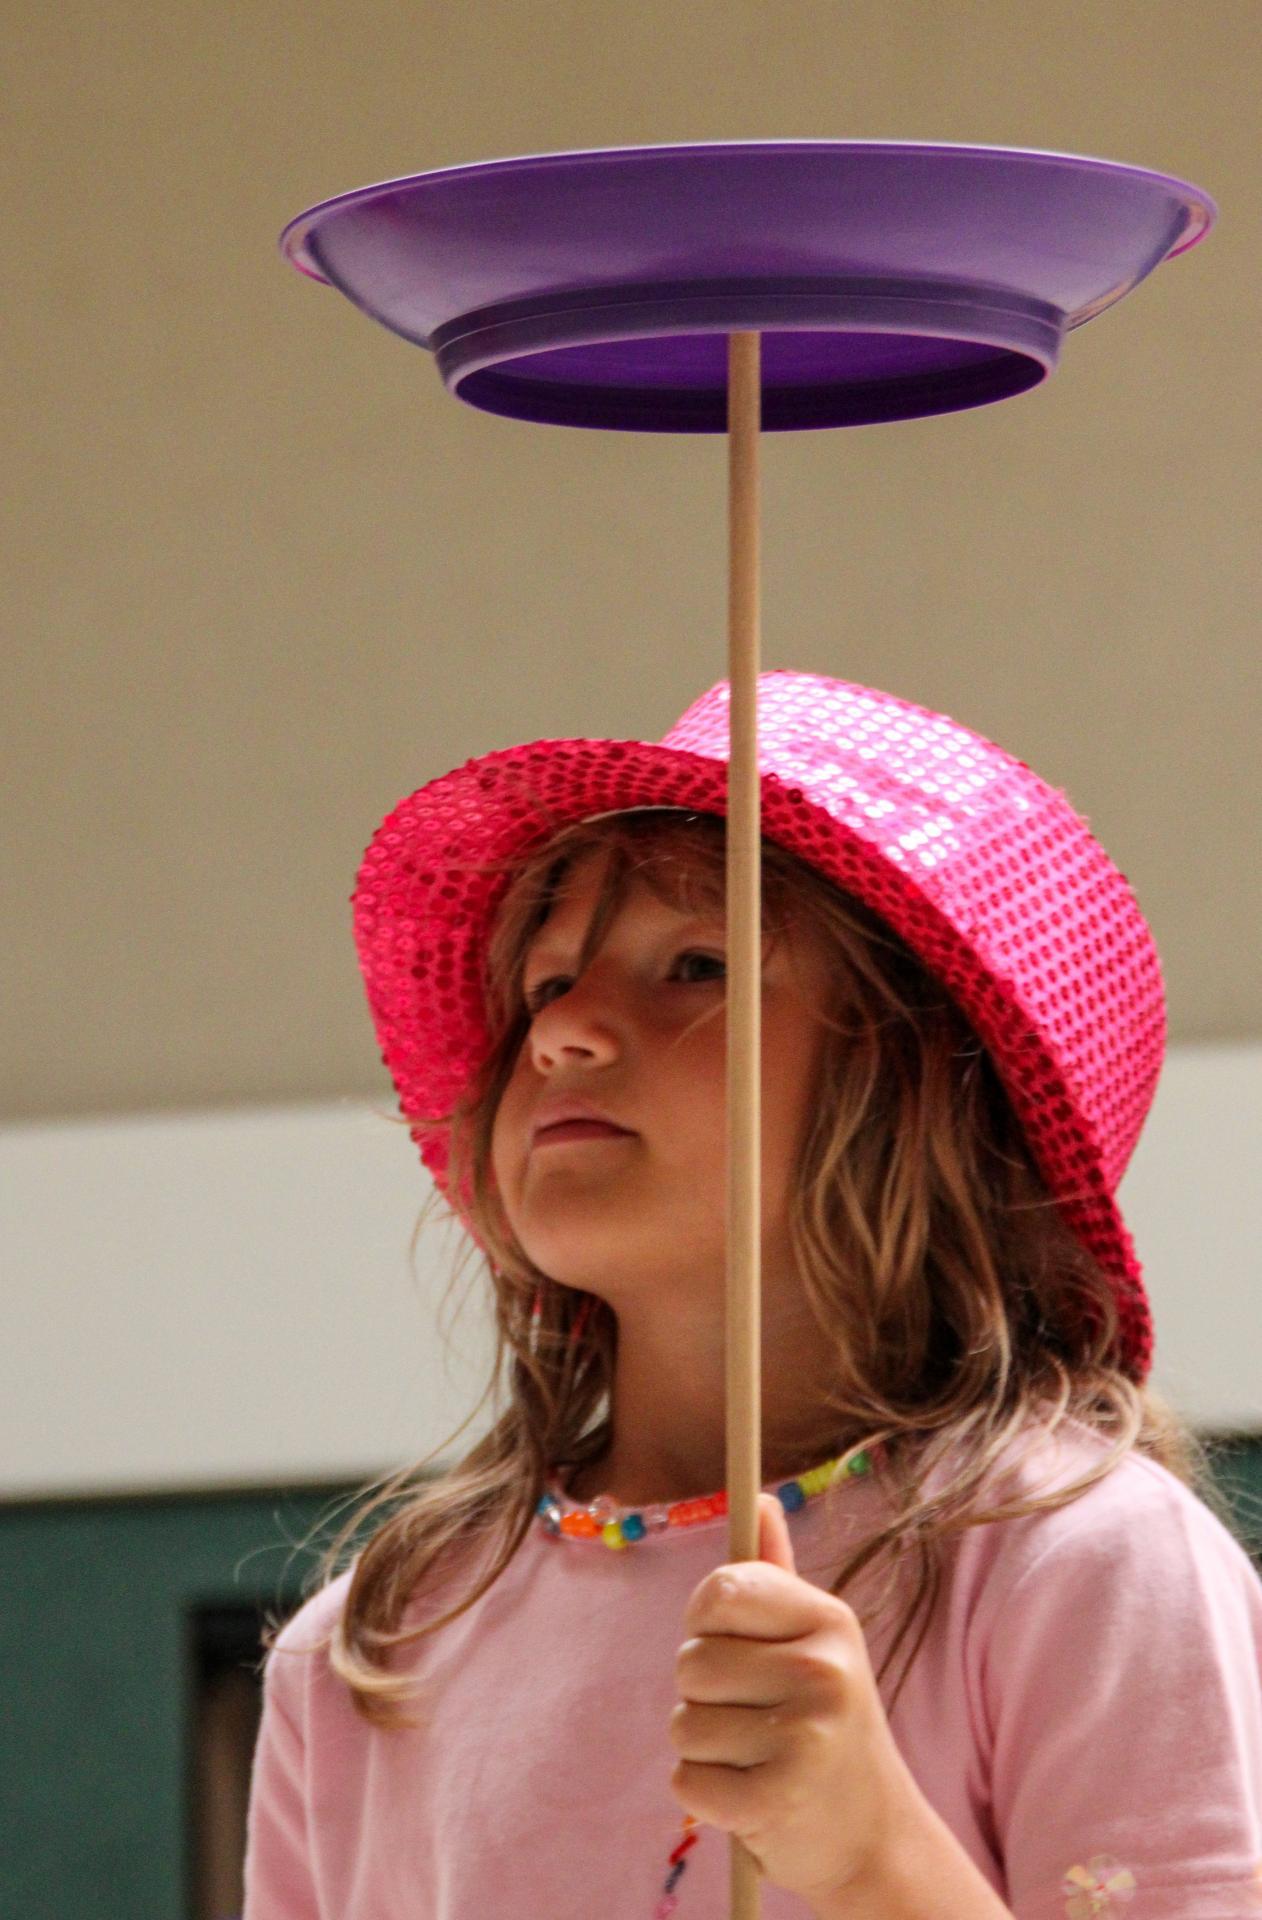 Tellerdrehen gehörte zu den kniffligen Übungen, die die Kinder später in der Vorstellung zeigten. Foto: Eva Griffith